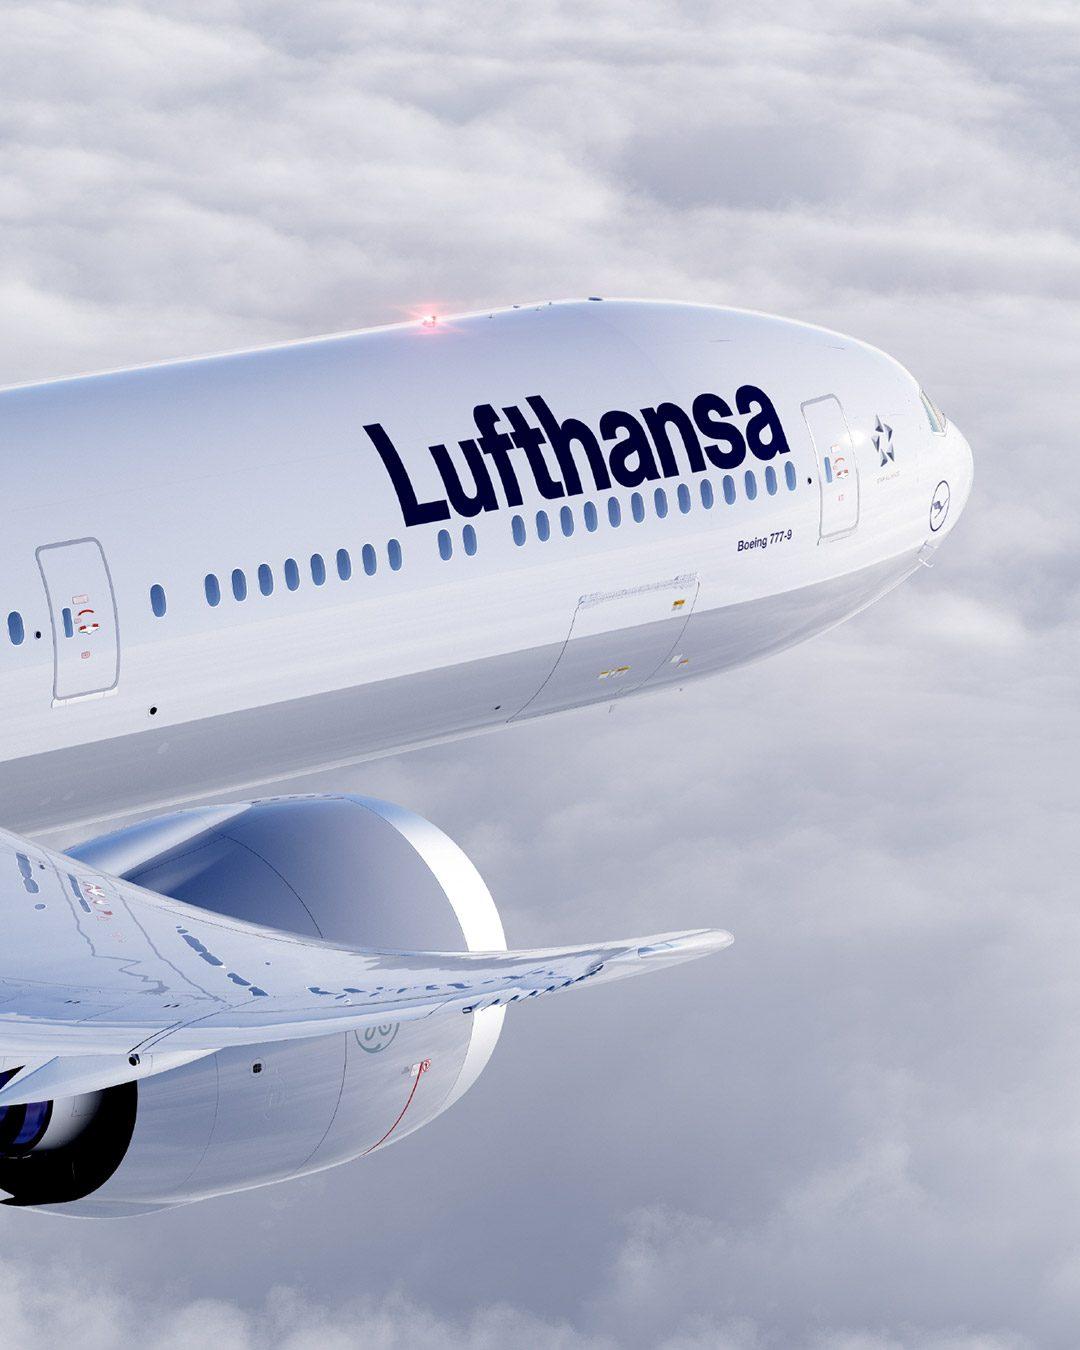 lufth-777